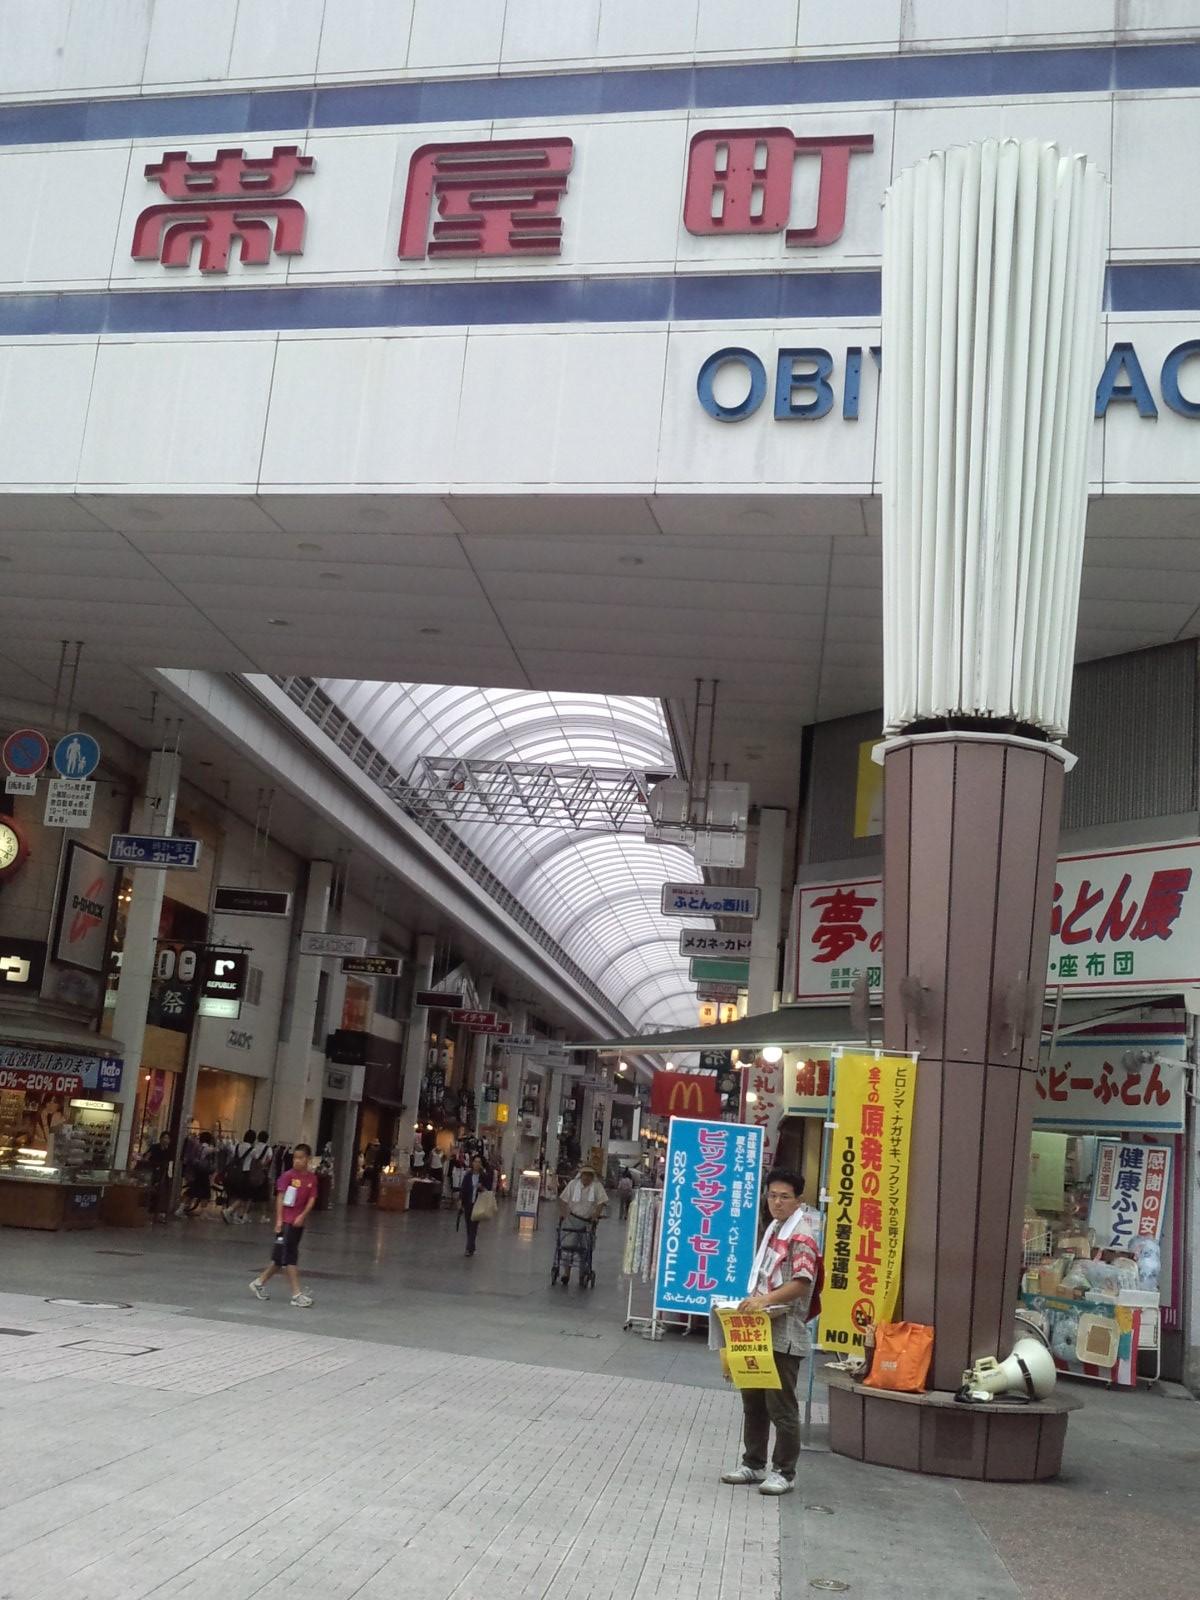 7月21日(木)帯屋町街宣_d0155415_1113318.jpg